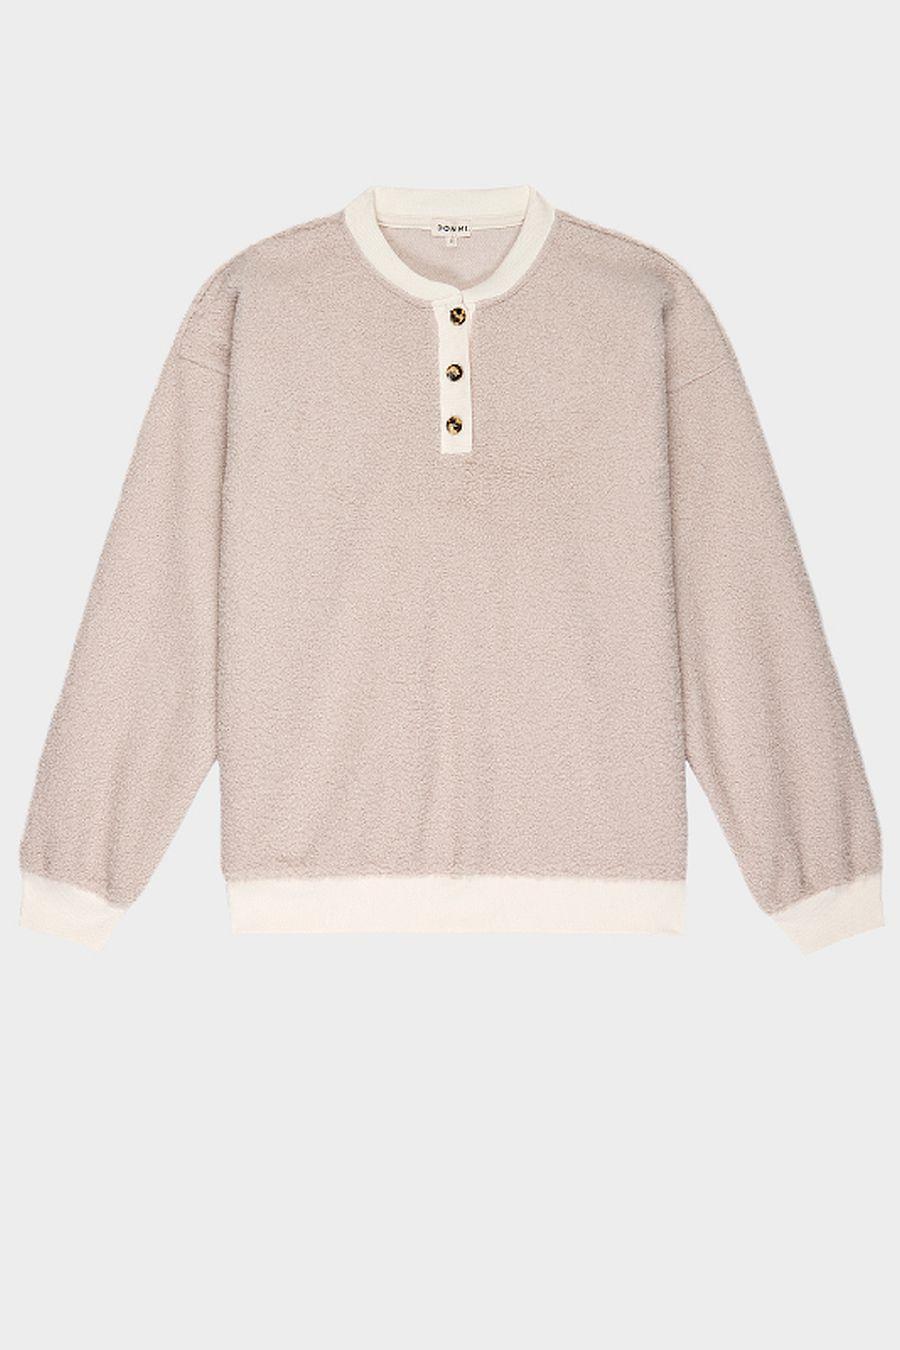 DONNI. Mini Sherpa Henley Sweatshirt - Creme